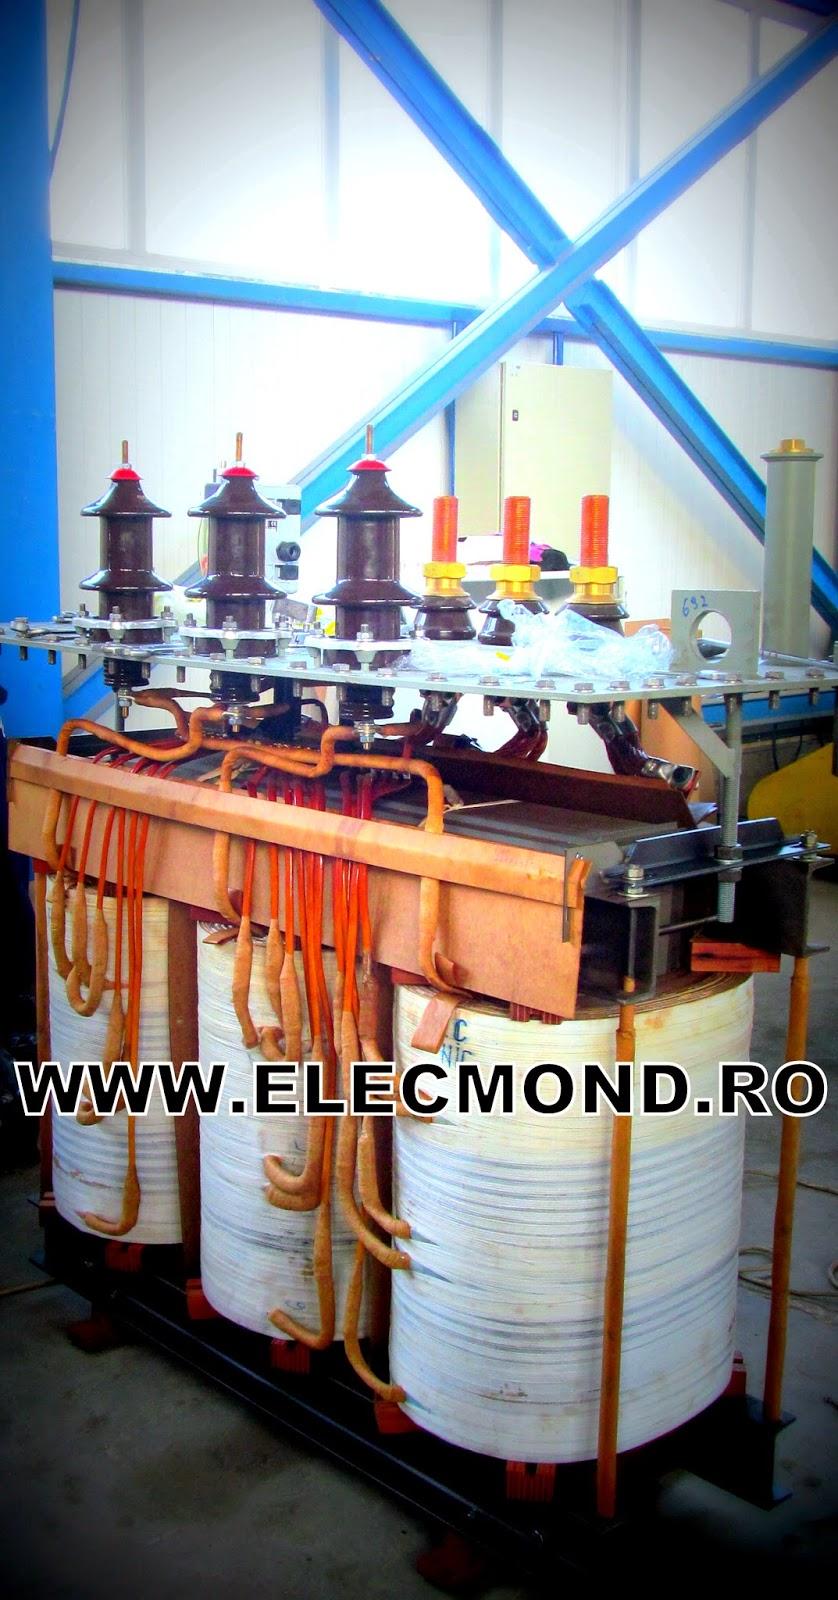 MODIFICARE RAPORT DE TENSIUNE DIN 20/0,4 kV in 6/0,4 kV PENTRU TRANSFORMATOARE TRIFAZATE IN ULEI , Transformatoare , transformator , modificare raport de tensiune , date tehnice , modificare transformatoare , bobinaj transformatoare , stand probe transformatoare  , trafo , elecmond  ,